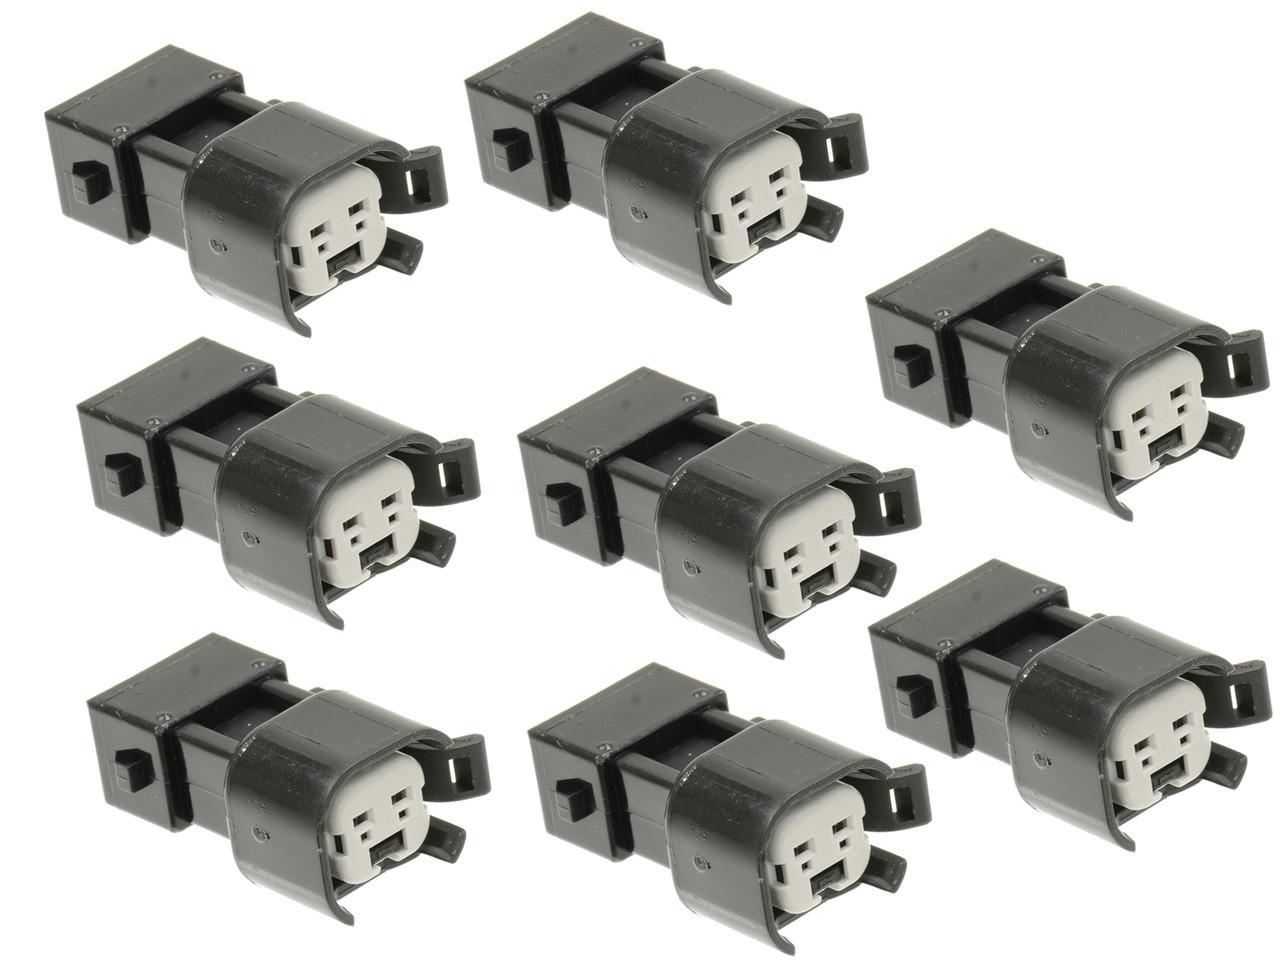 EV1 to EV6 EV14 USCAR adapter Adapts LS1 LS2 LS3 LSX LT1 Fuel Injector Connector